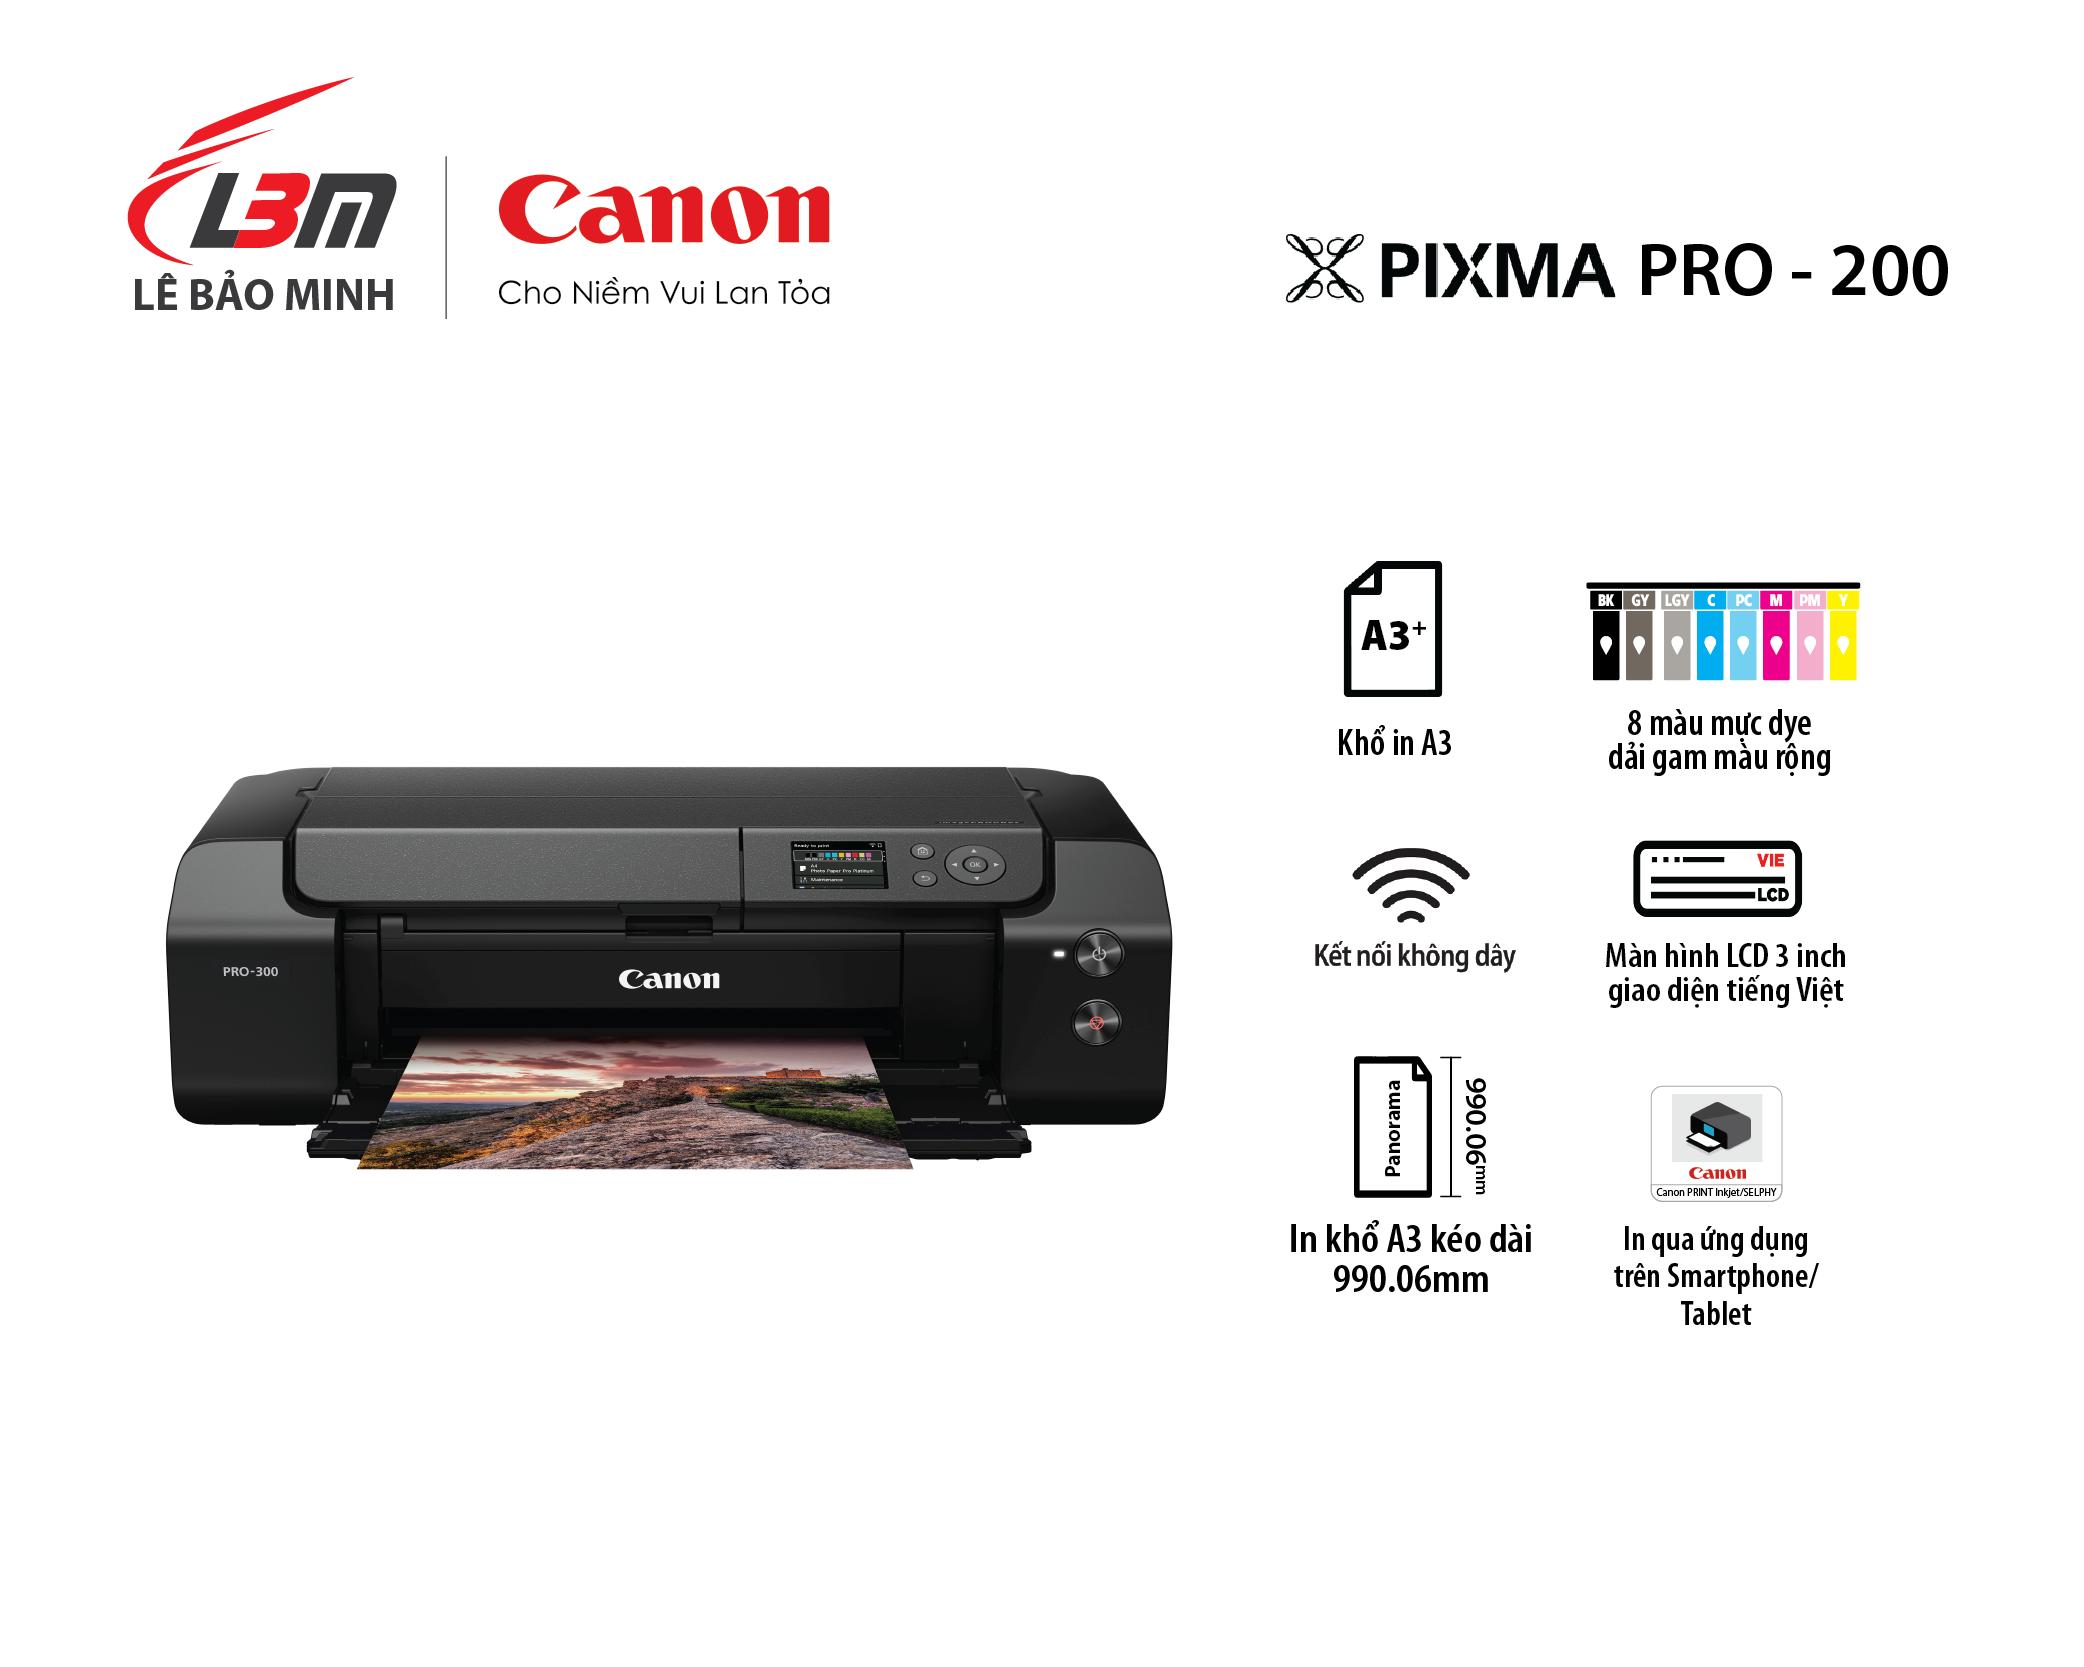 PIXMA PRO-200